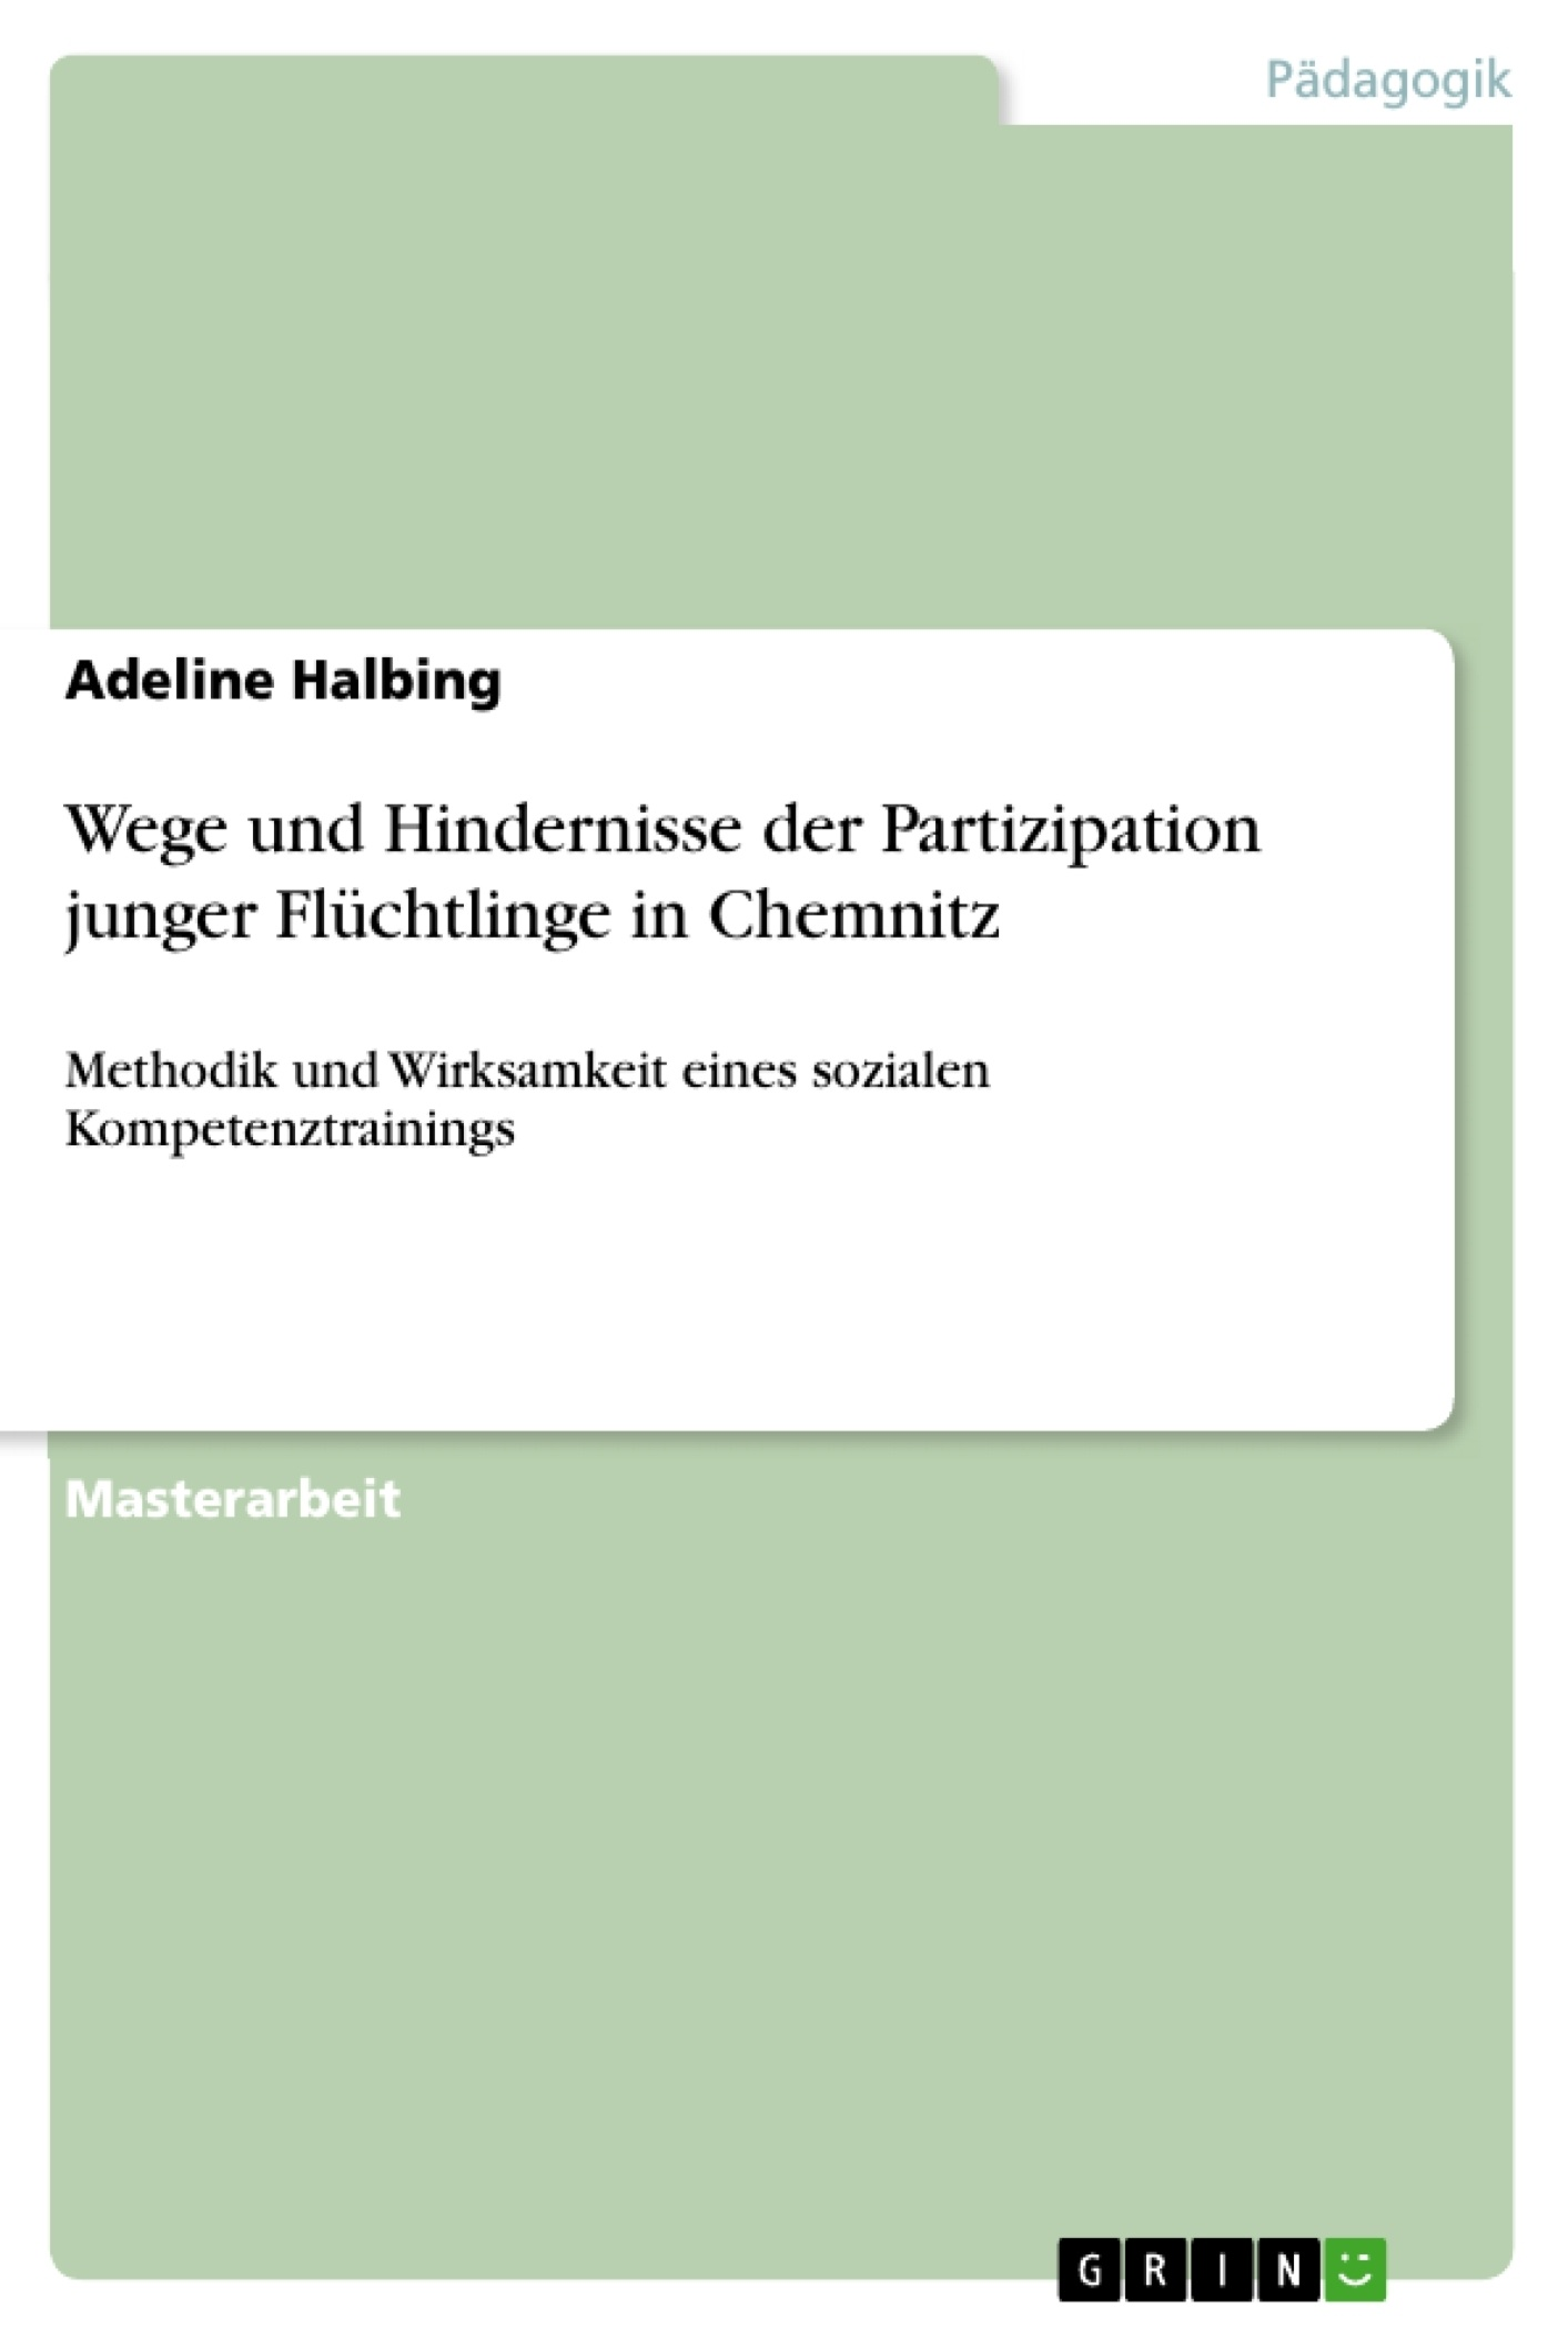 Titel: Wege und Hindernisse der Partizipation junger Flüchtlinge in Chemnitz